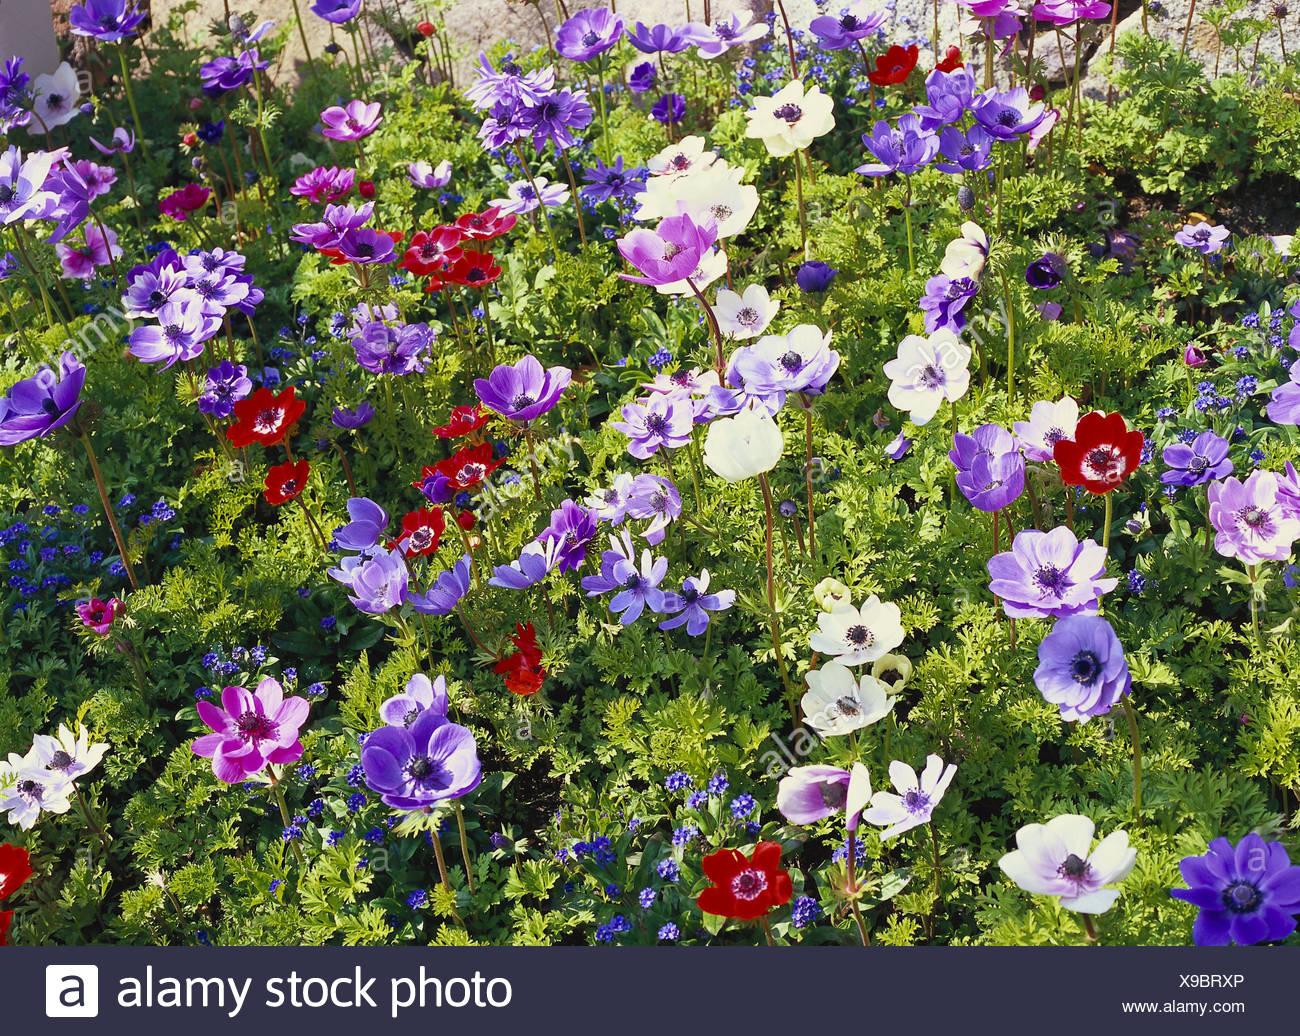 Cama De Flores Corona Anemonas Anemone Coronaria Cama Del Jardin